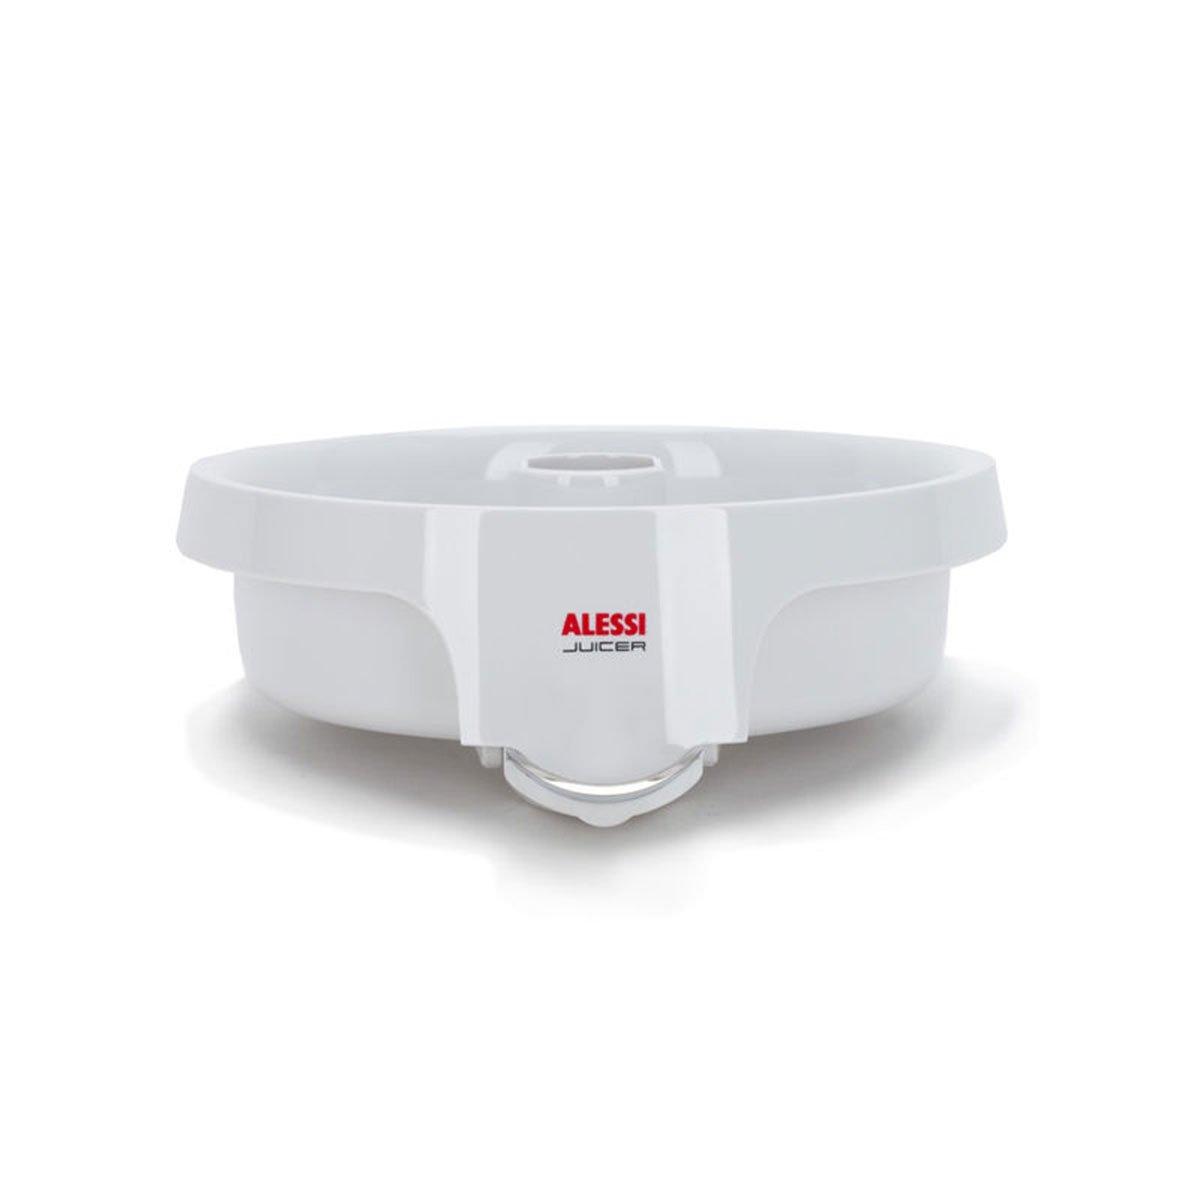 Compra Alessi - repuesto con vertedor electrónicas exprimidor en Amazon.es